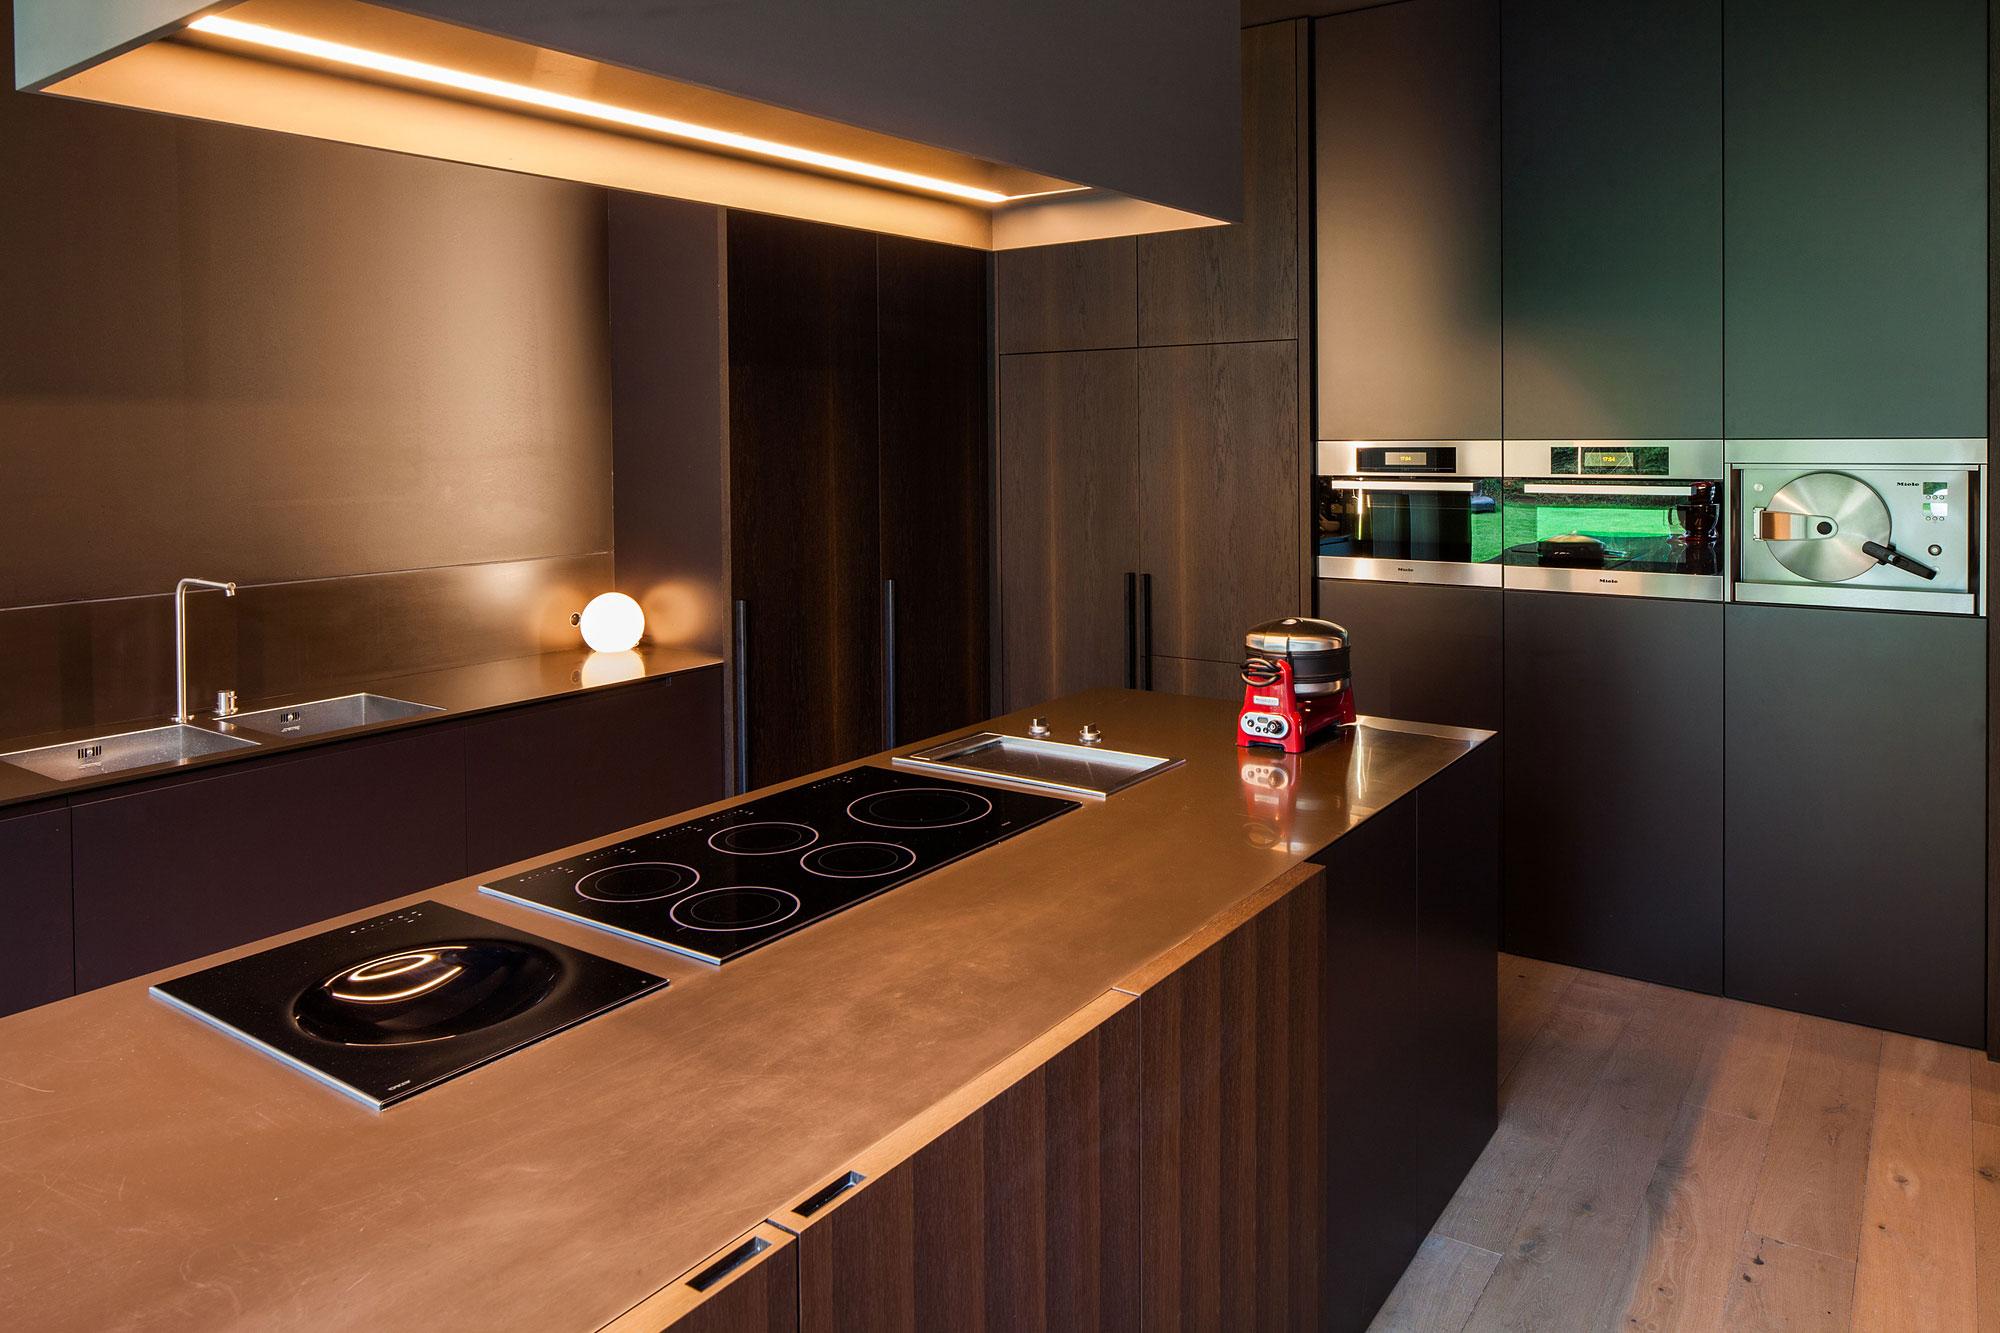 Деревянный кухонный гарнитур - Фото 17